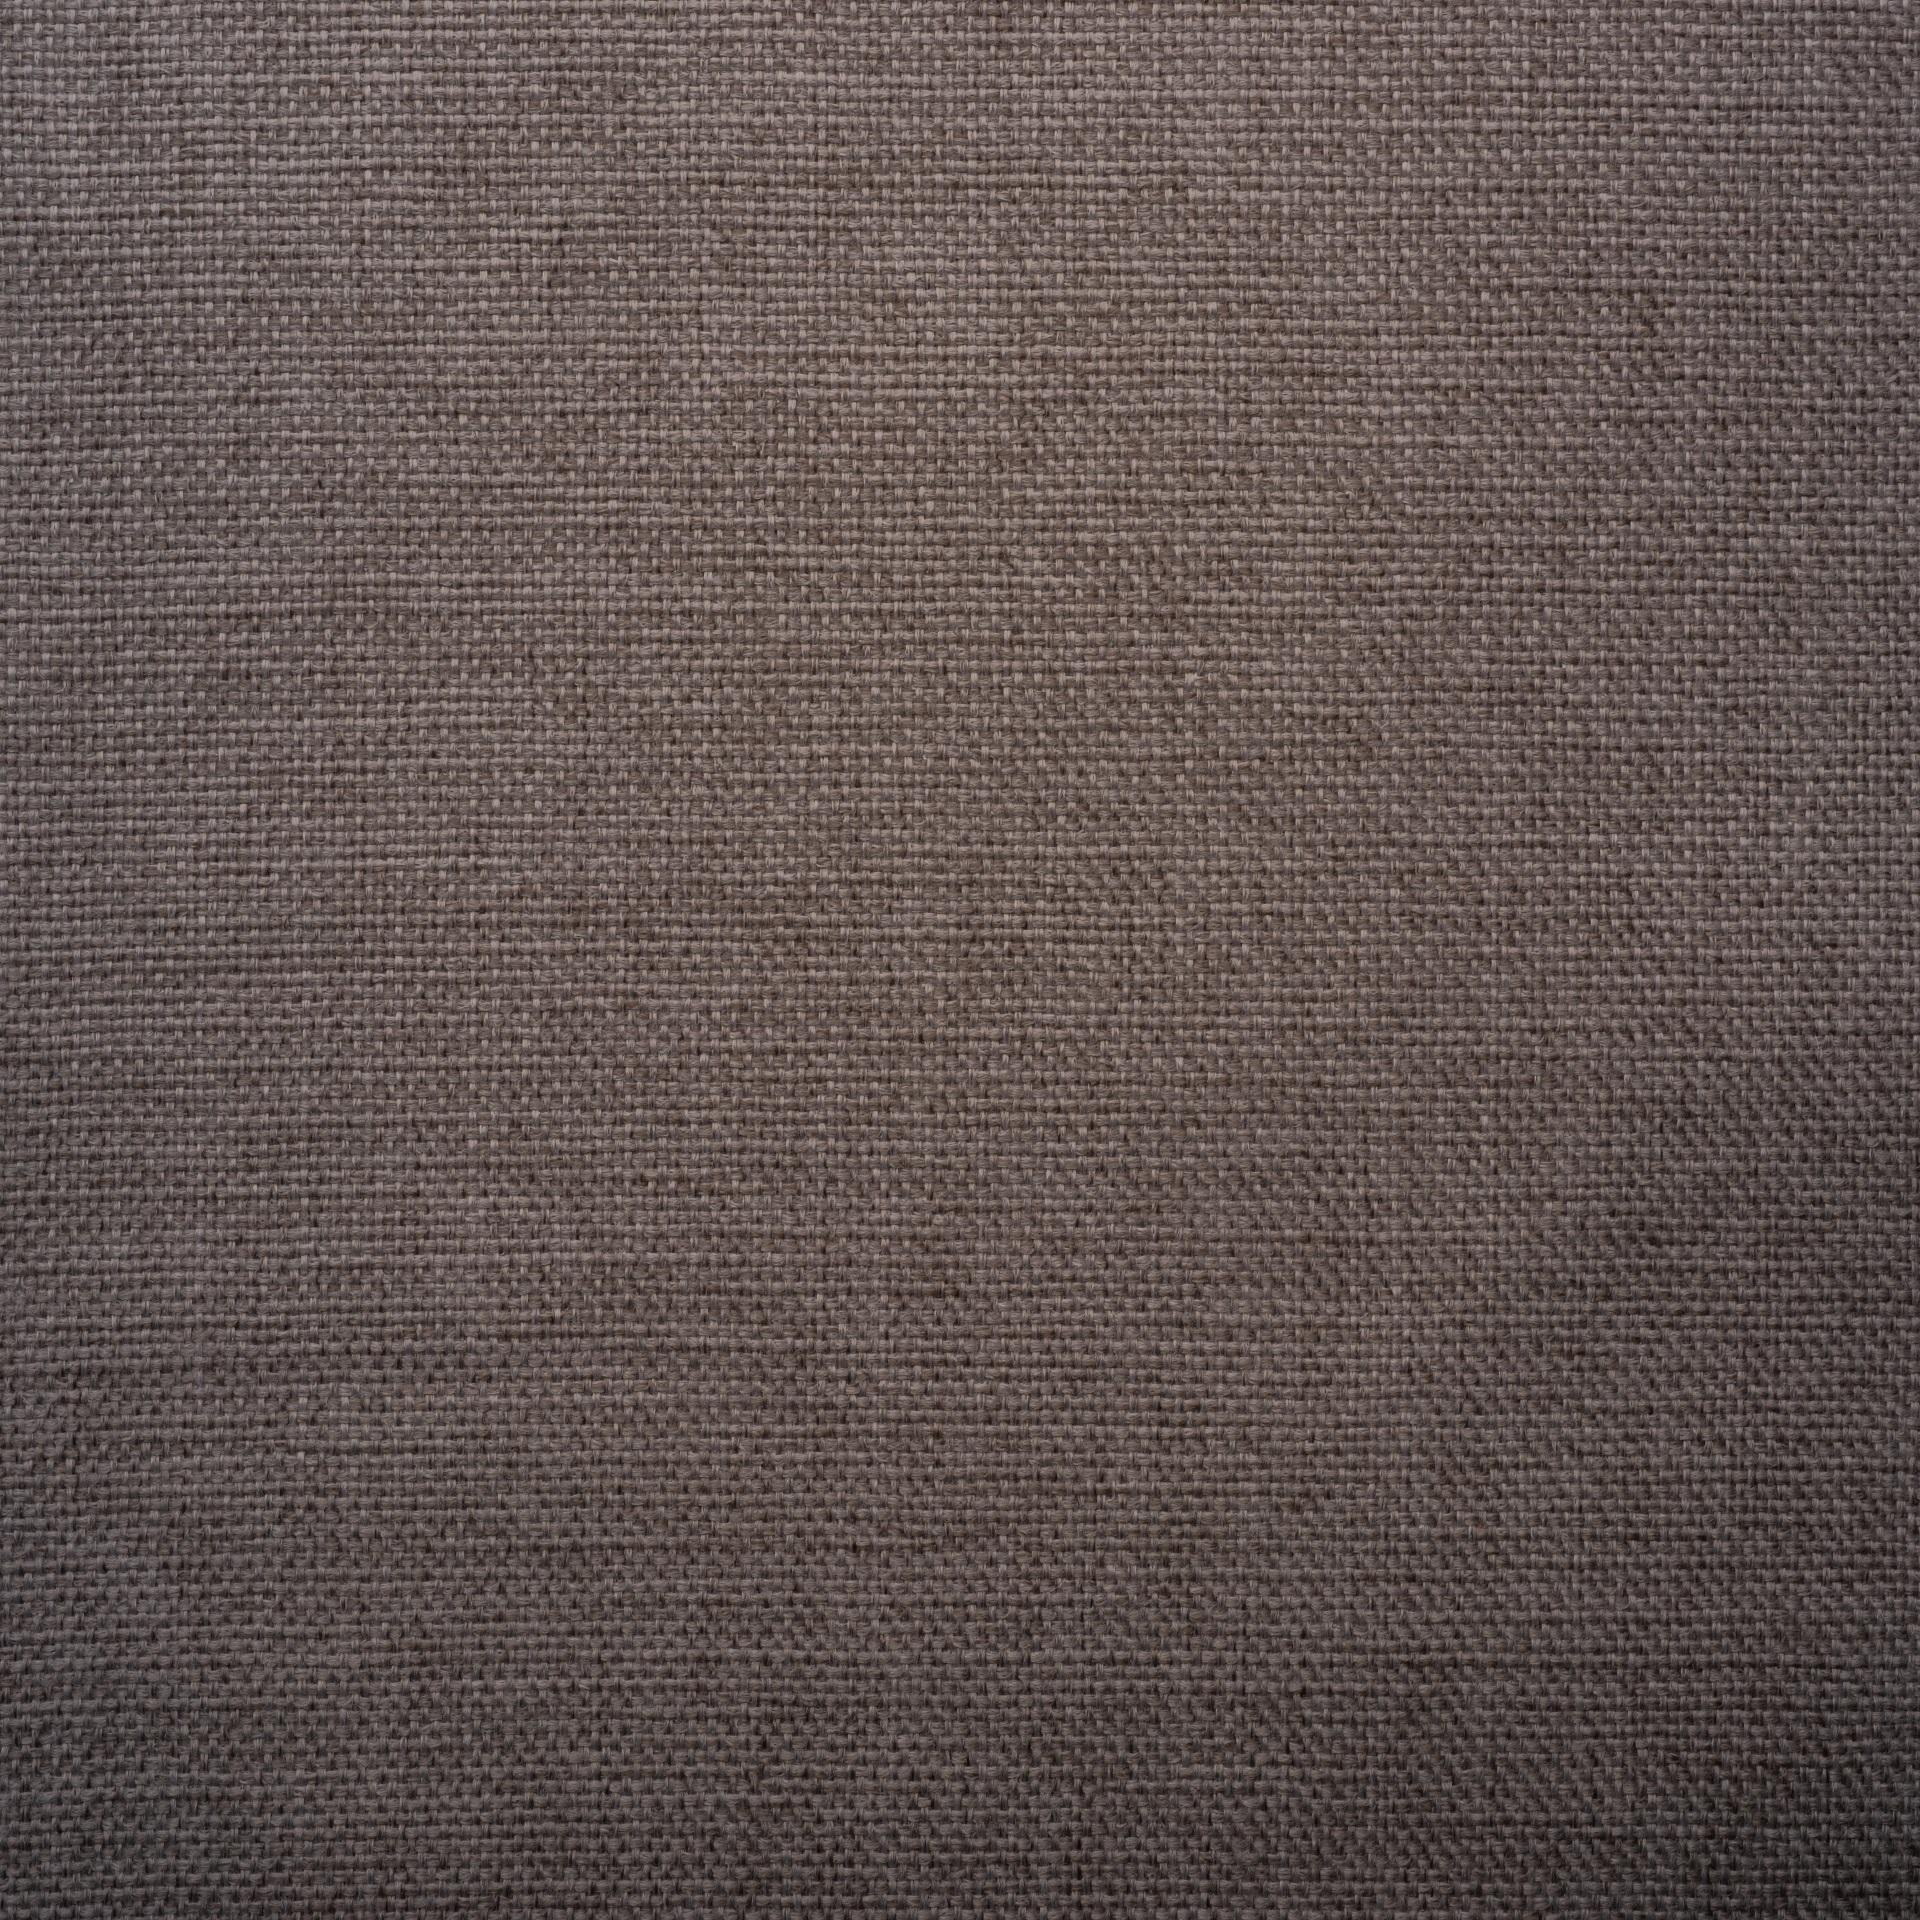 Коллекция ткани Шотландия комбин COFFEE MILK,  купить ткань Рогожка для мебели Украина